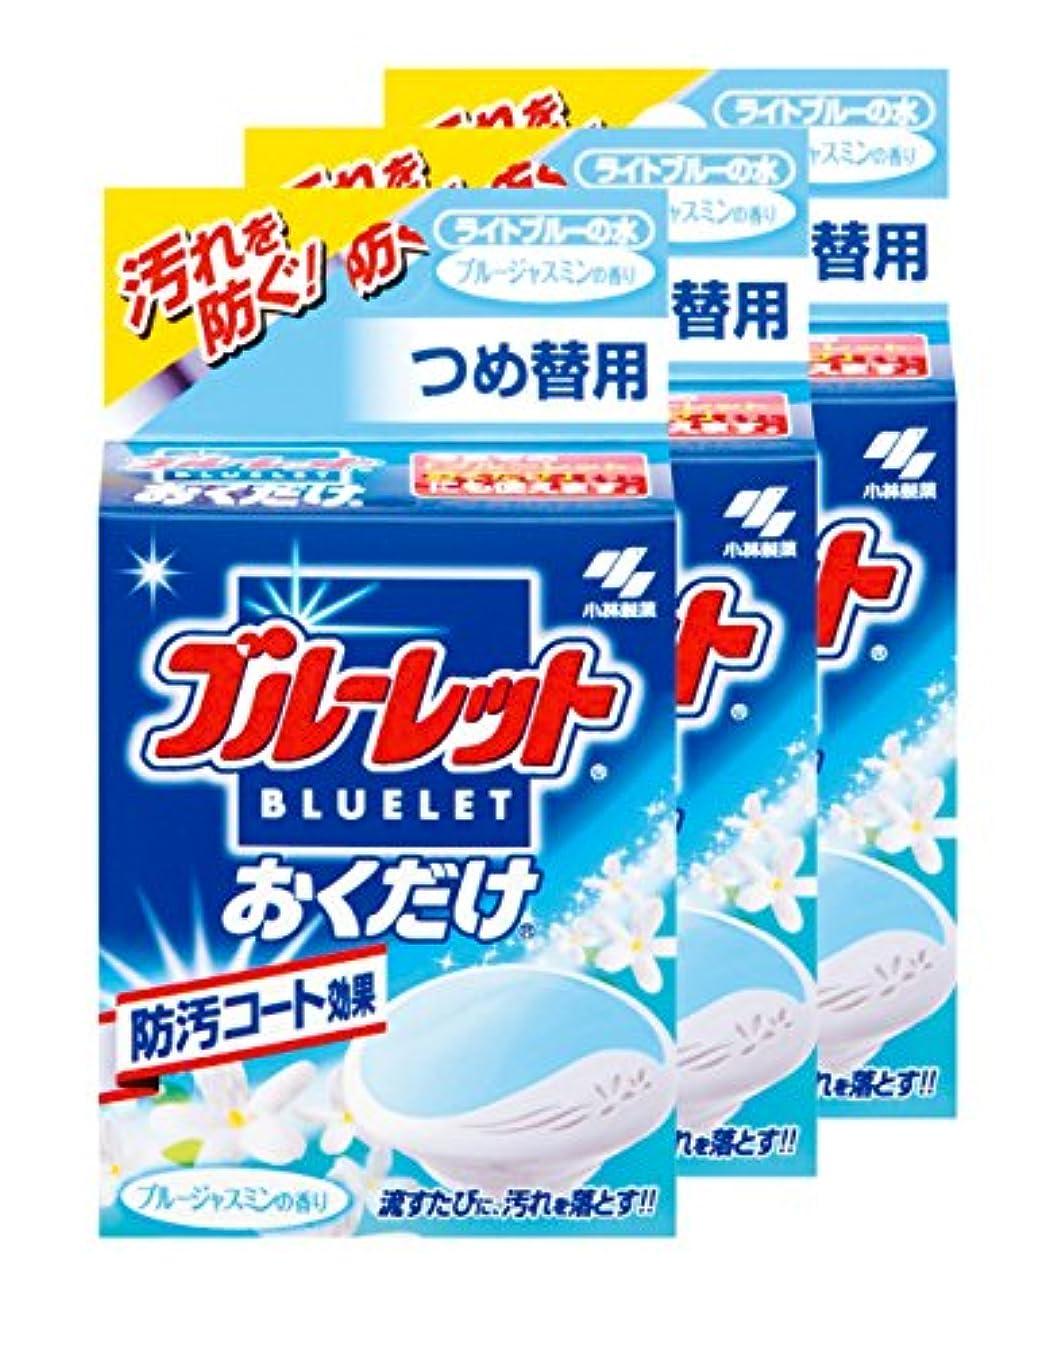 虫を数える彼らのものおびえた【まとめ買い】ブルーレットおくだけ トイレタンク芳香洗浄剤 詰め替え用 ブルージャスミン 25g×3個